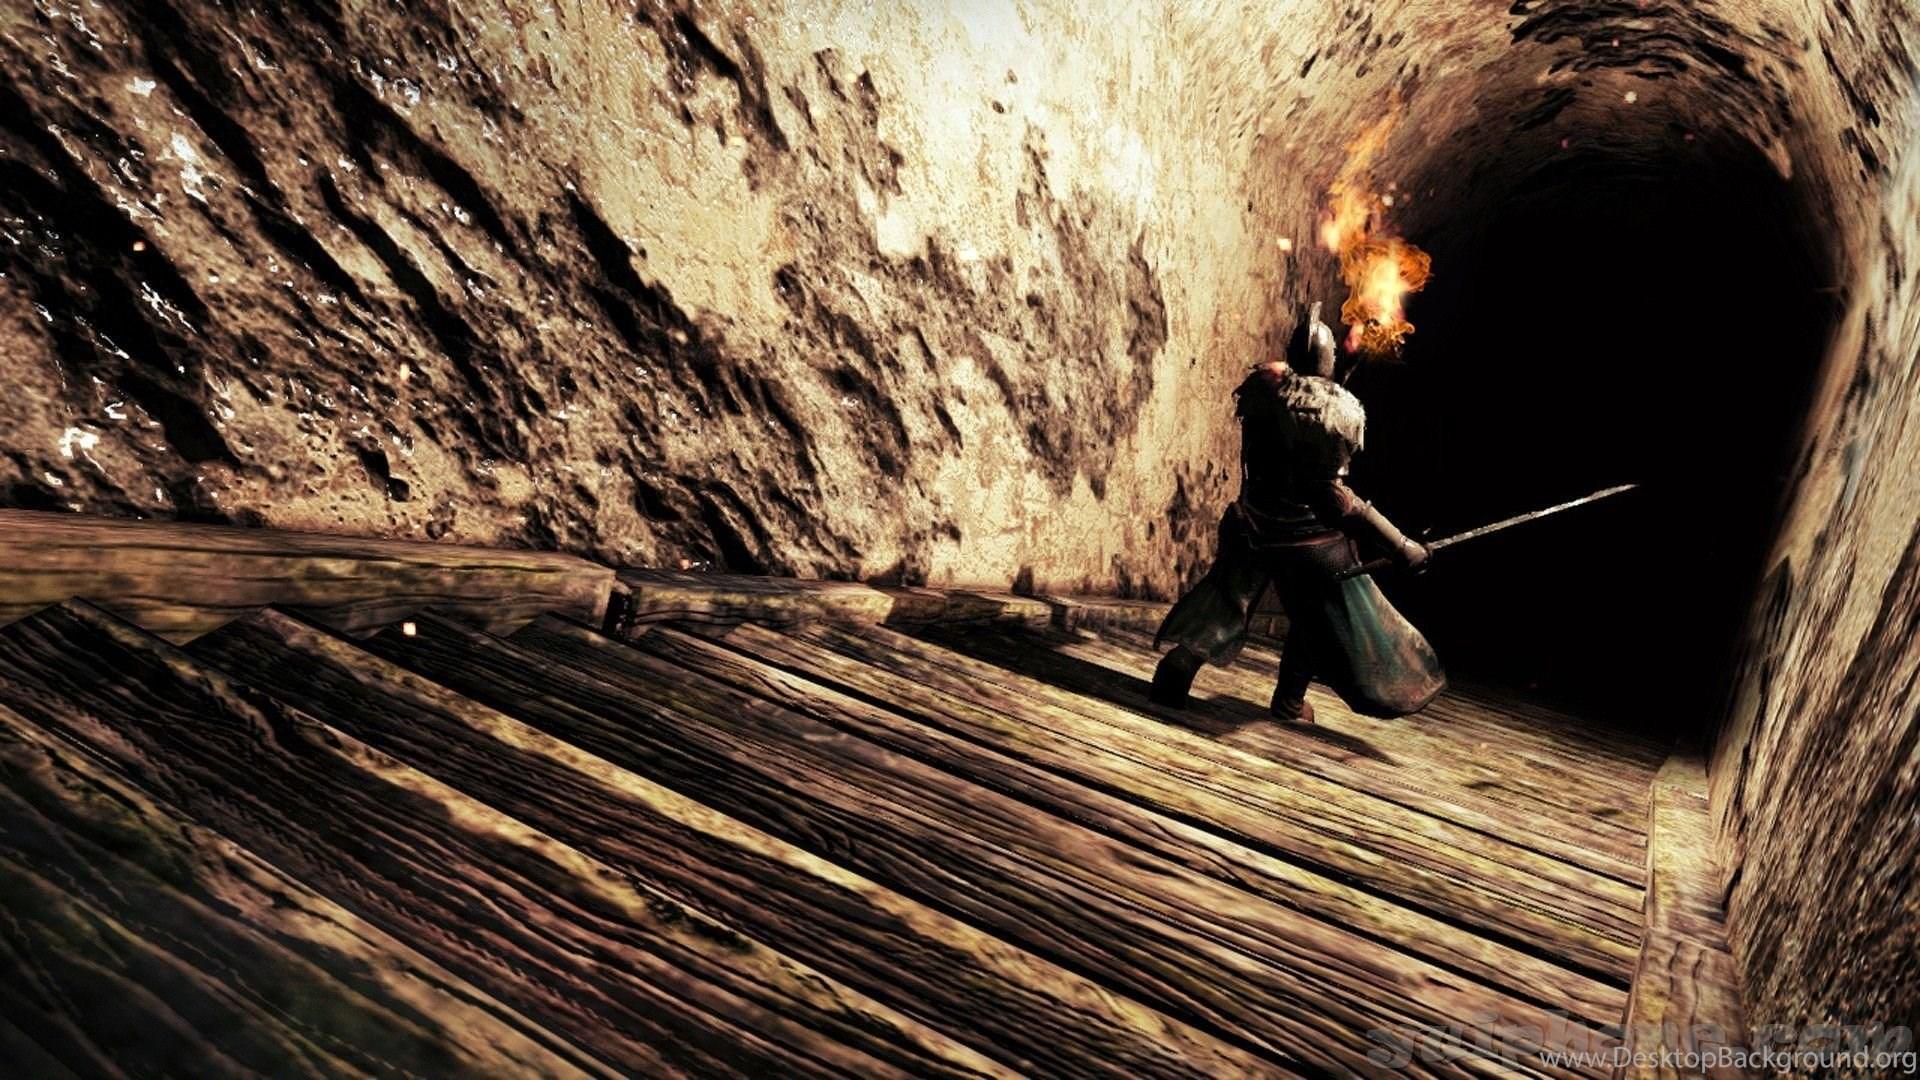 Dark Souls 2 Wallpapers Hd Desktop Background